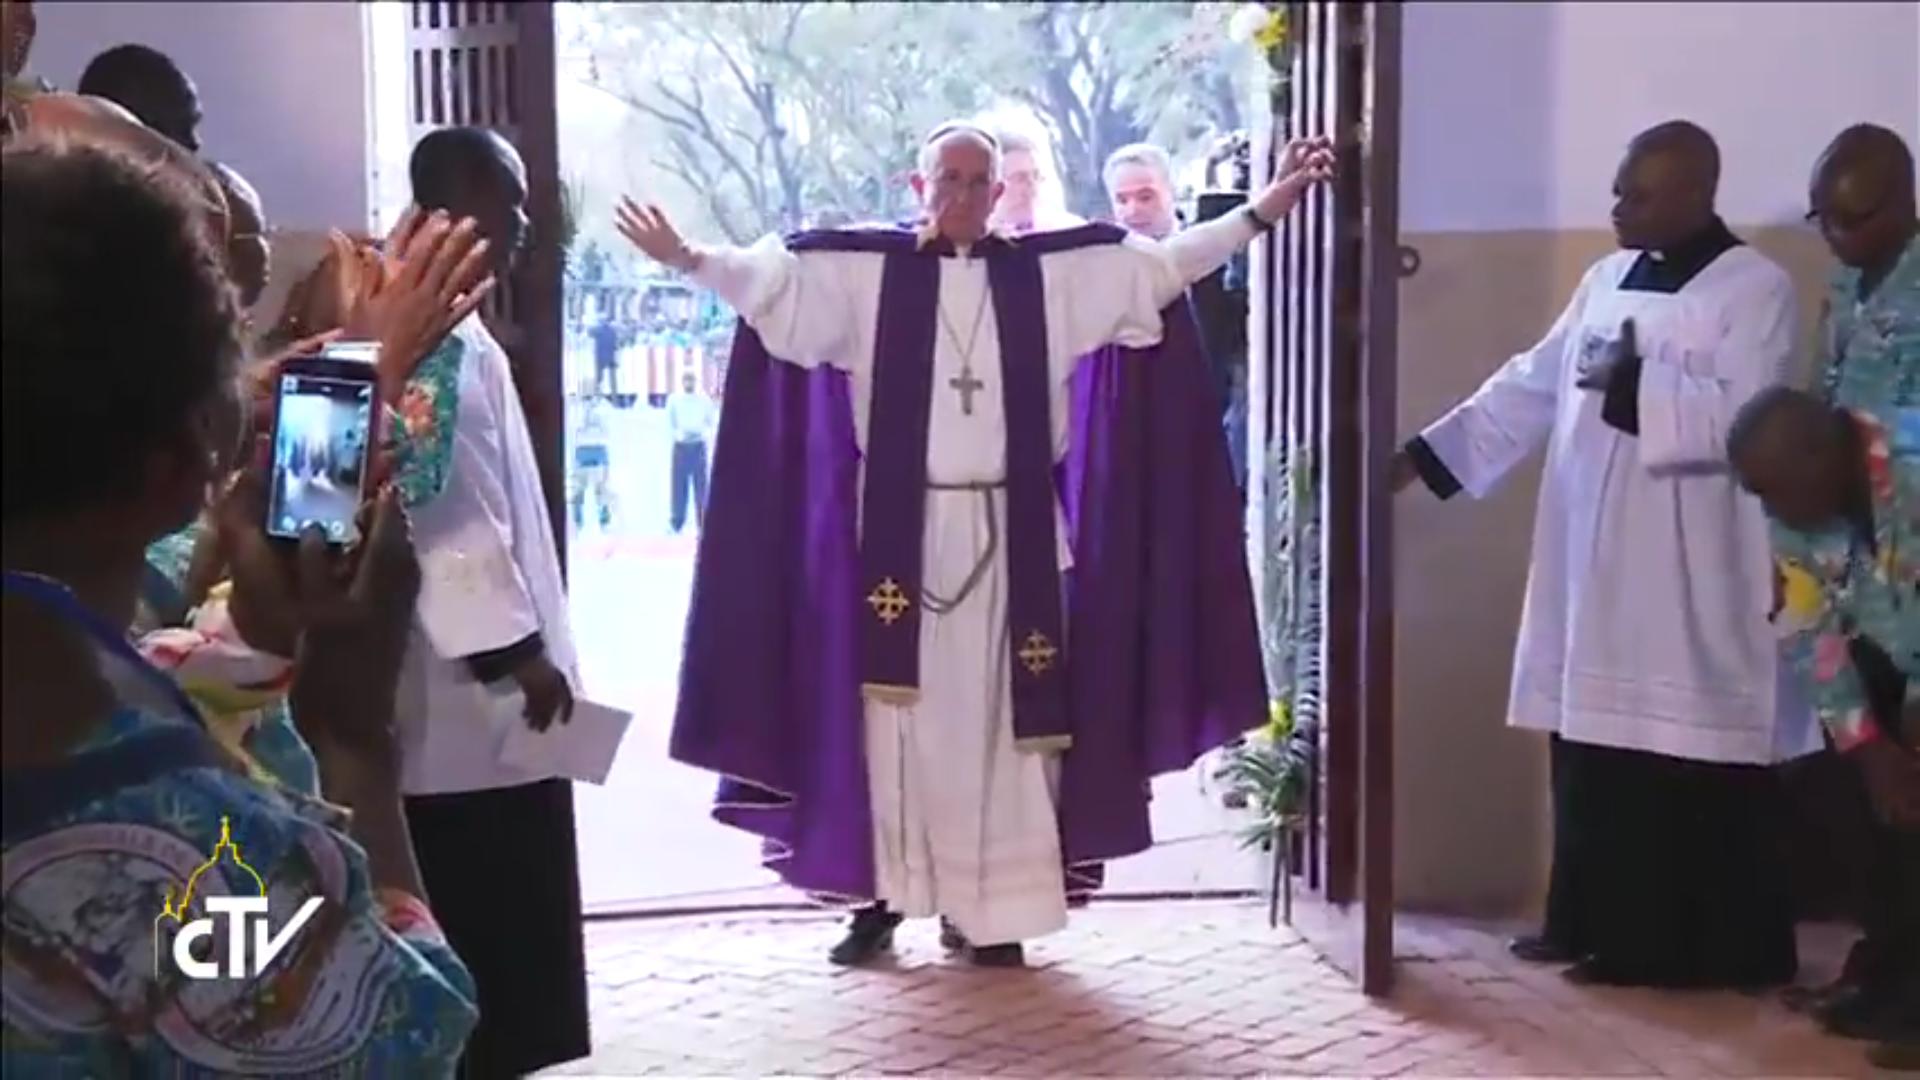 Le pape François ouvre la première Porte sainte du Jubilé de la miséricorde, cathédrale de Bangui, 29 novembre 2015